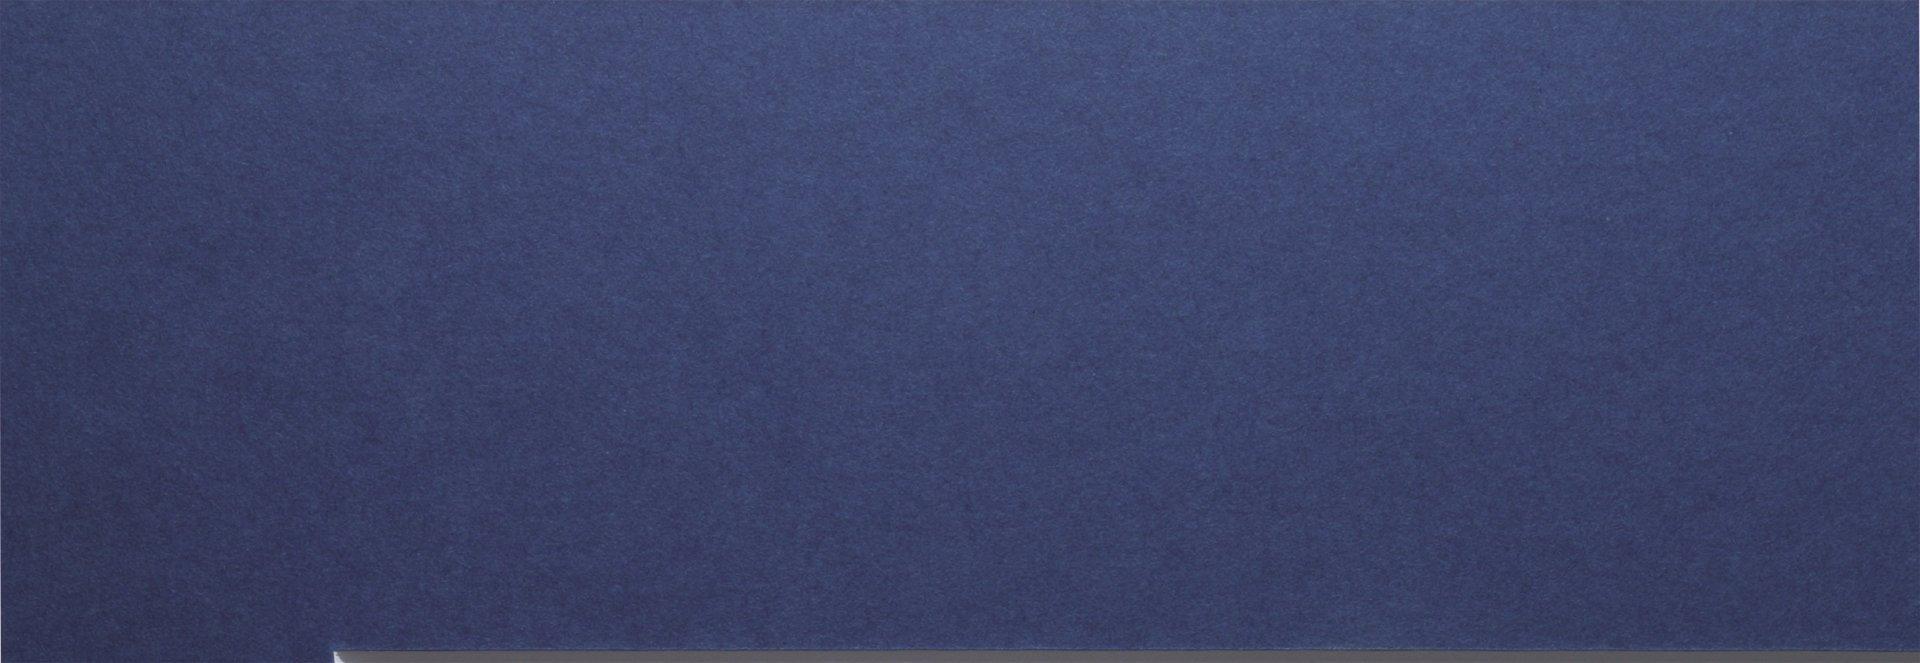 63326 Lapis (czarny przekrój)